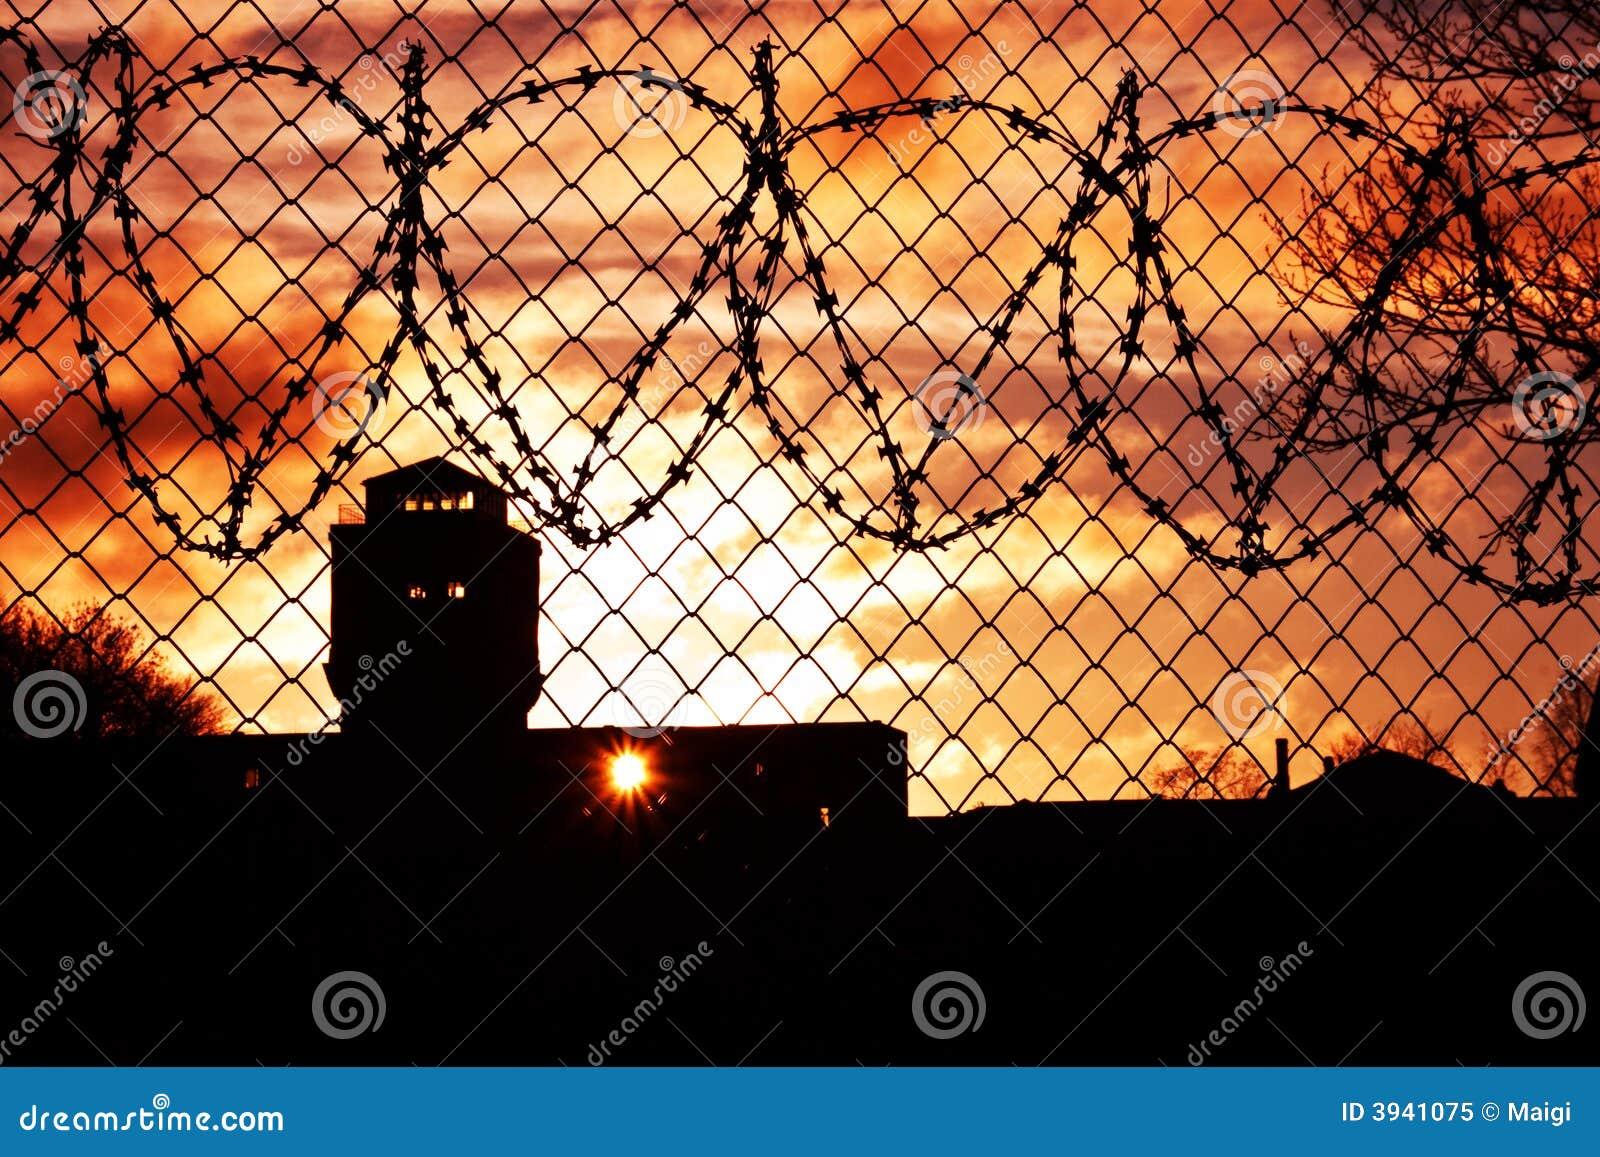 W więziennym sunset yard